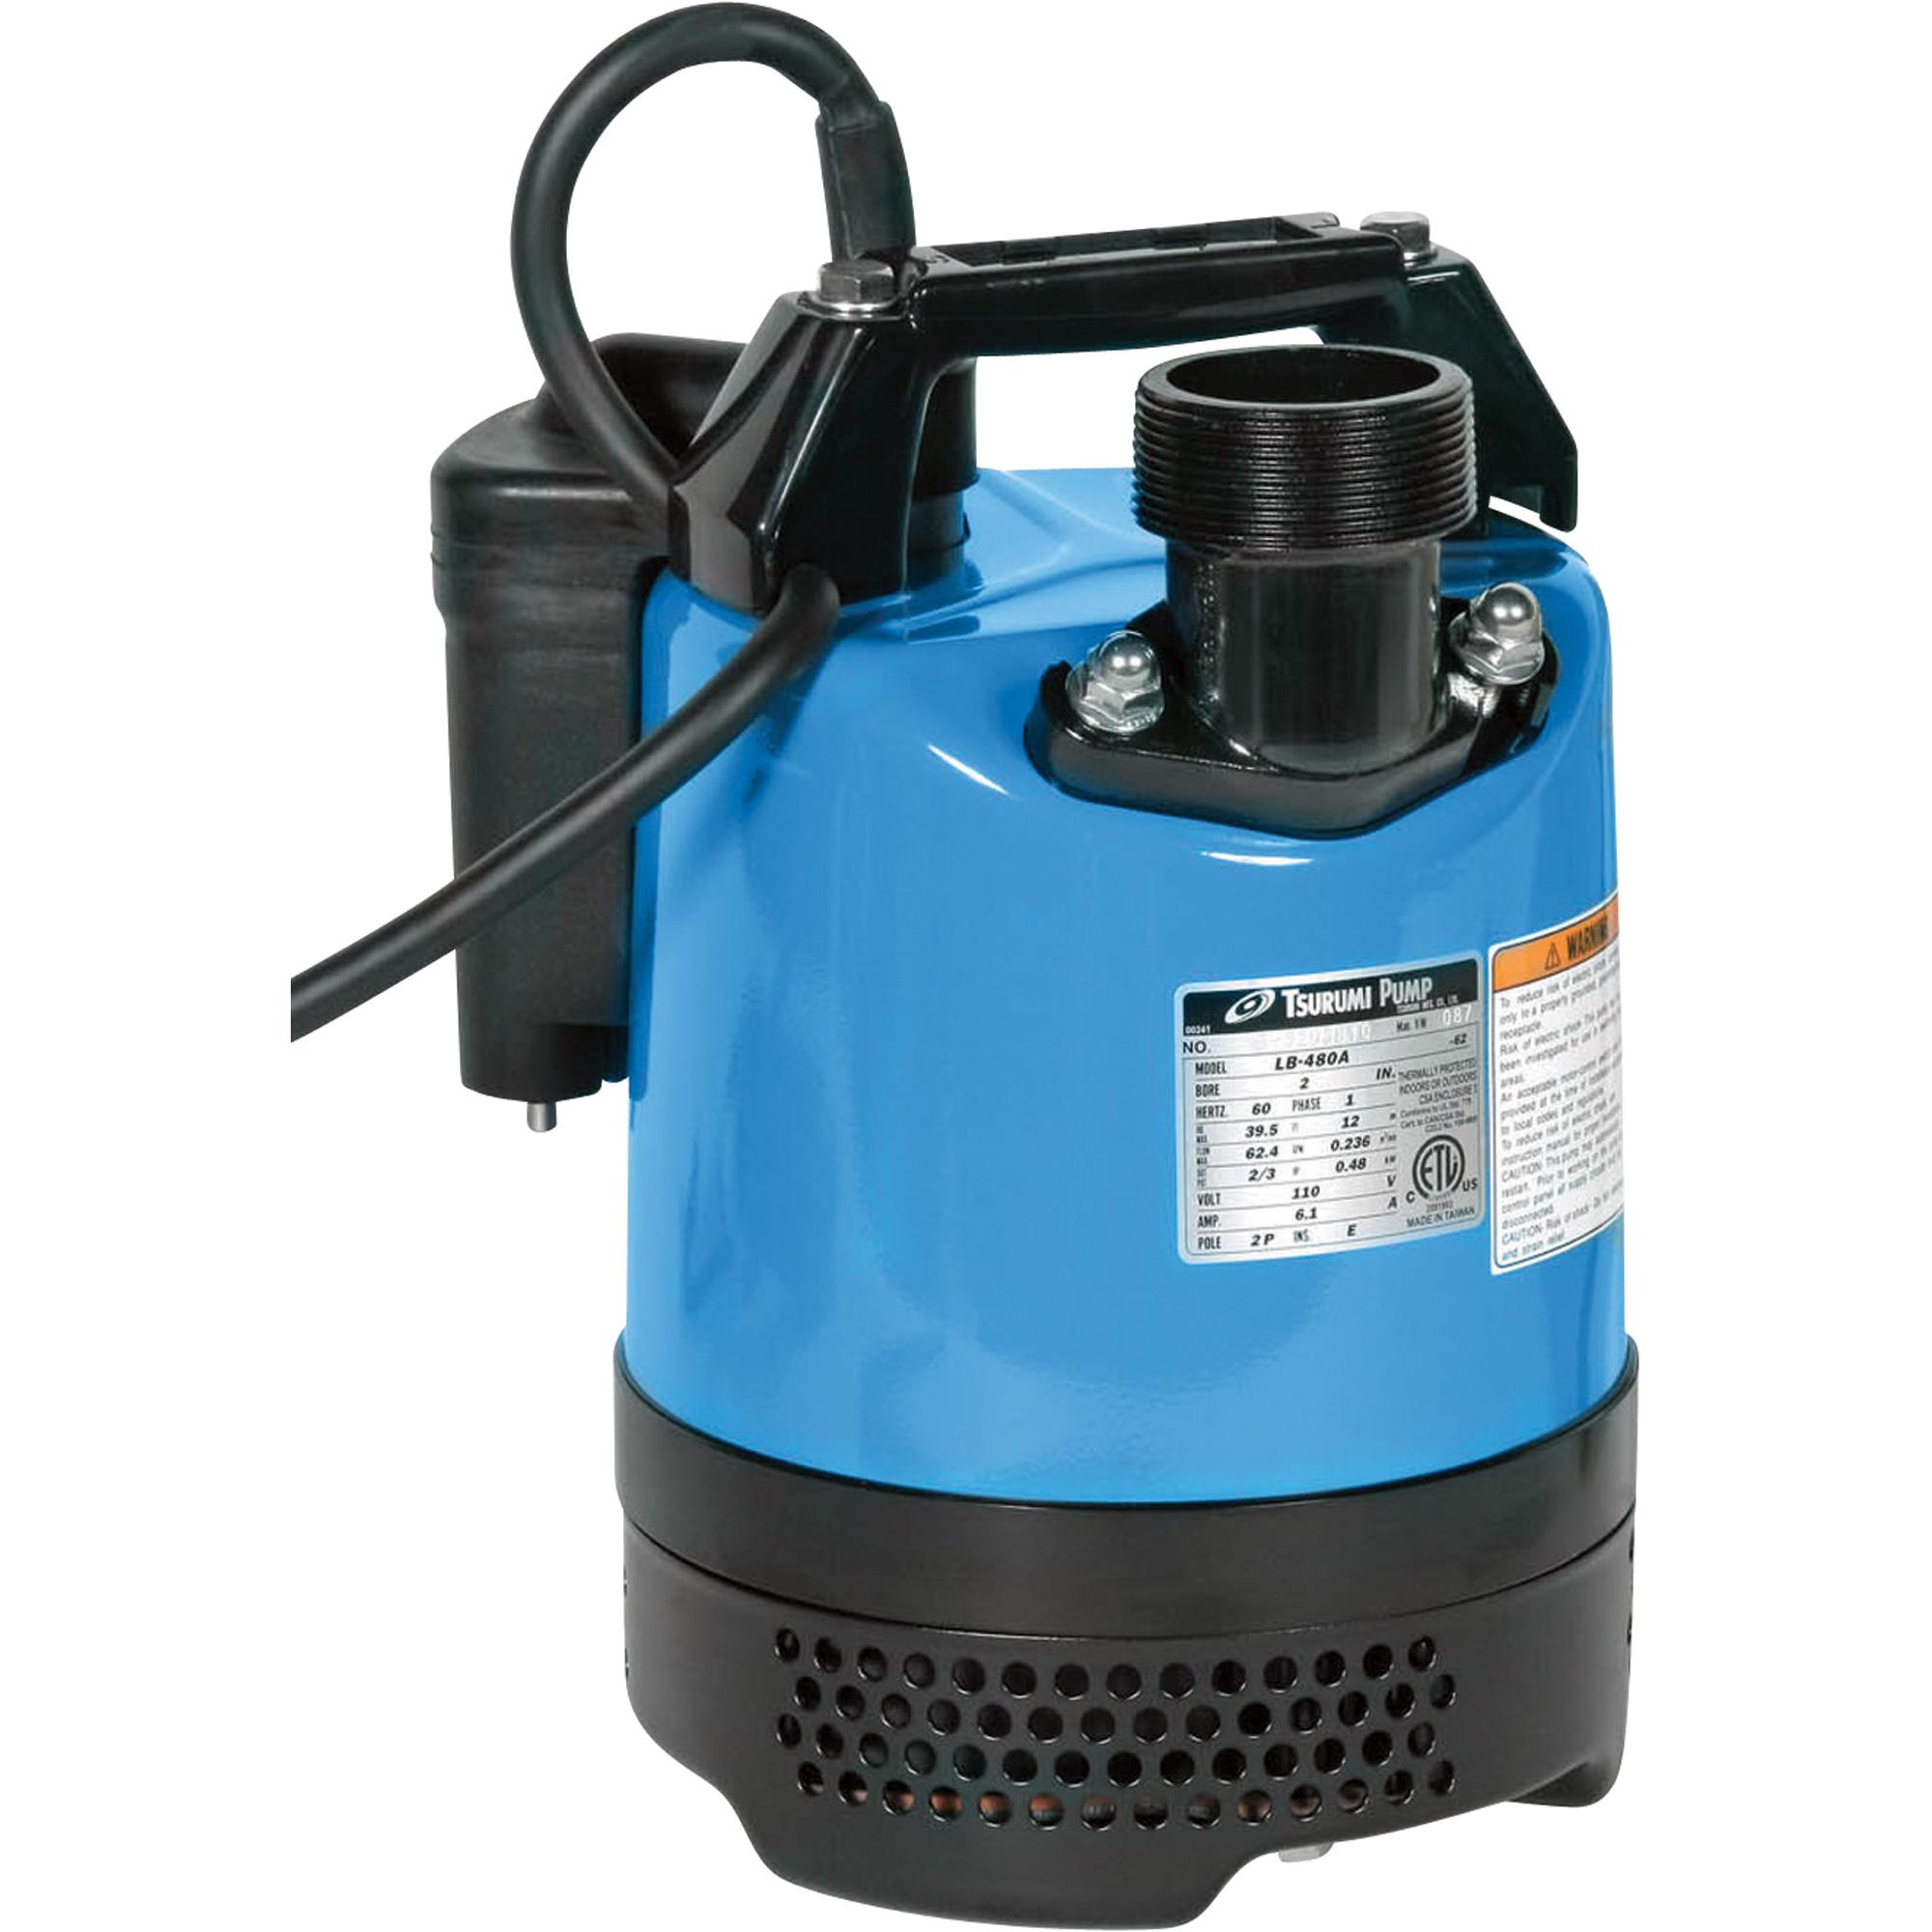 De Watering Pumps Chinook Pumps